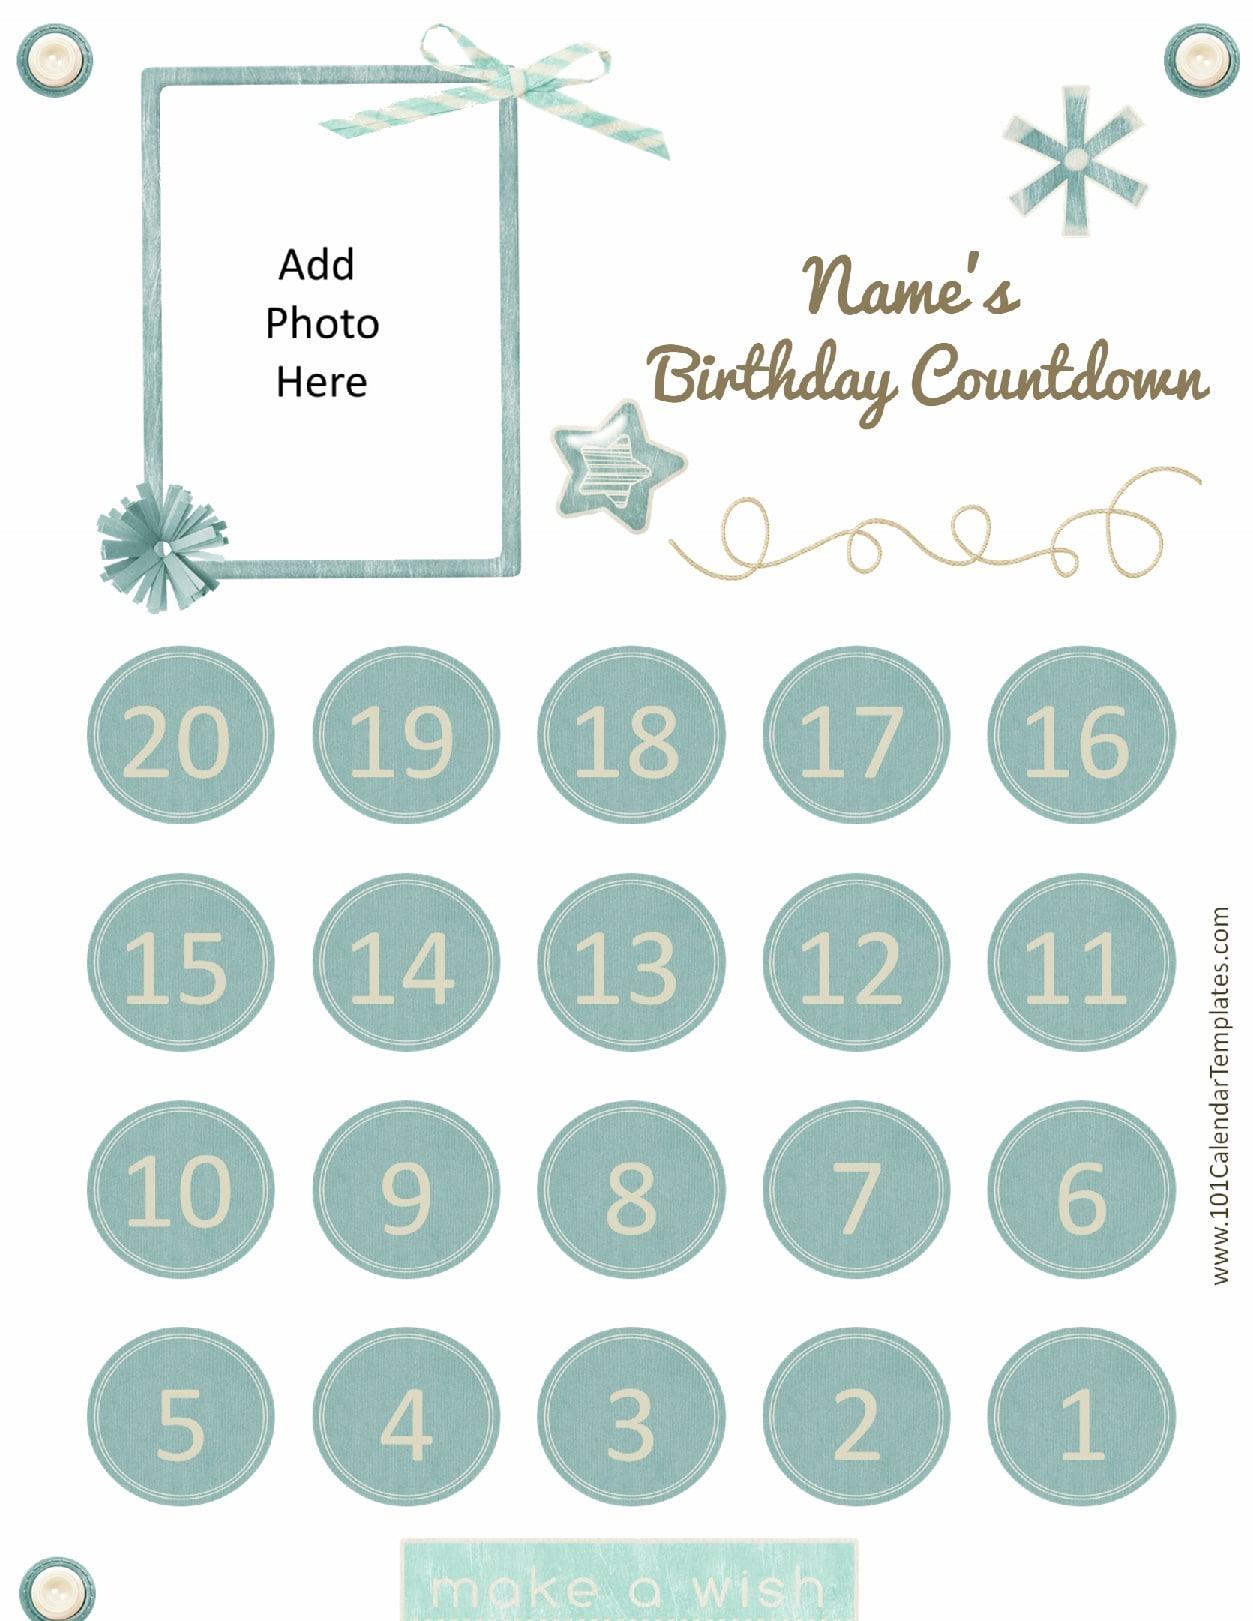 Printable Calendar Countdown | Printable Calendar 2019